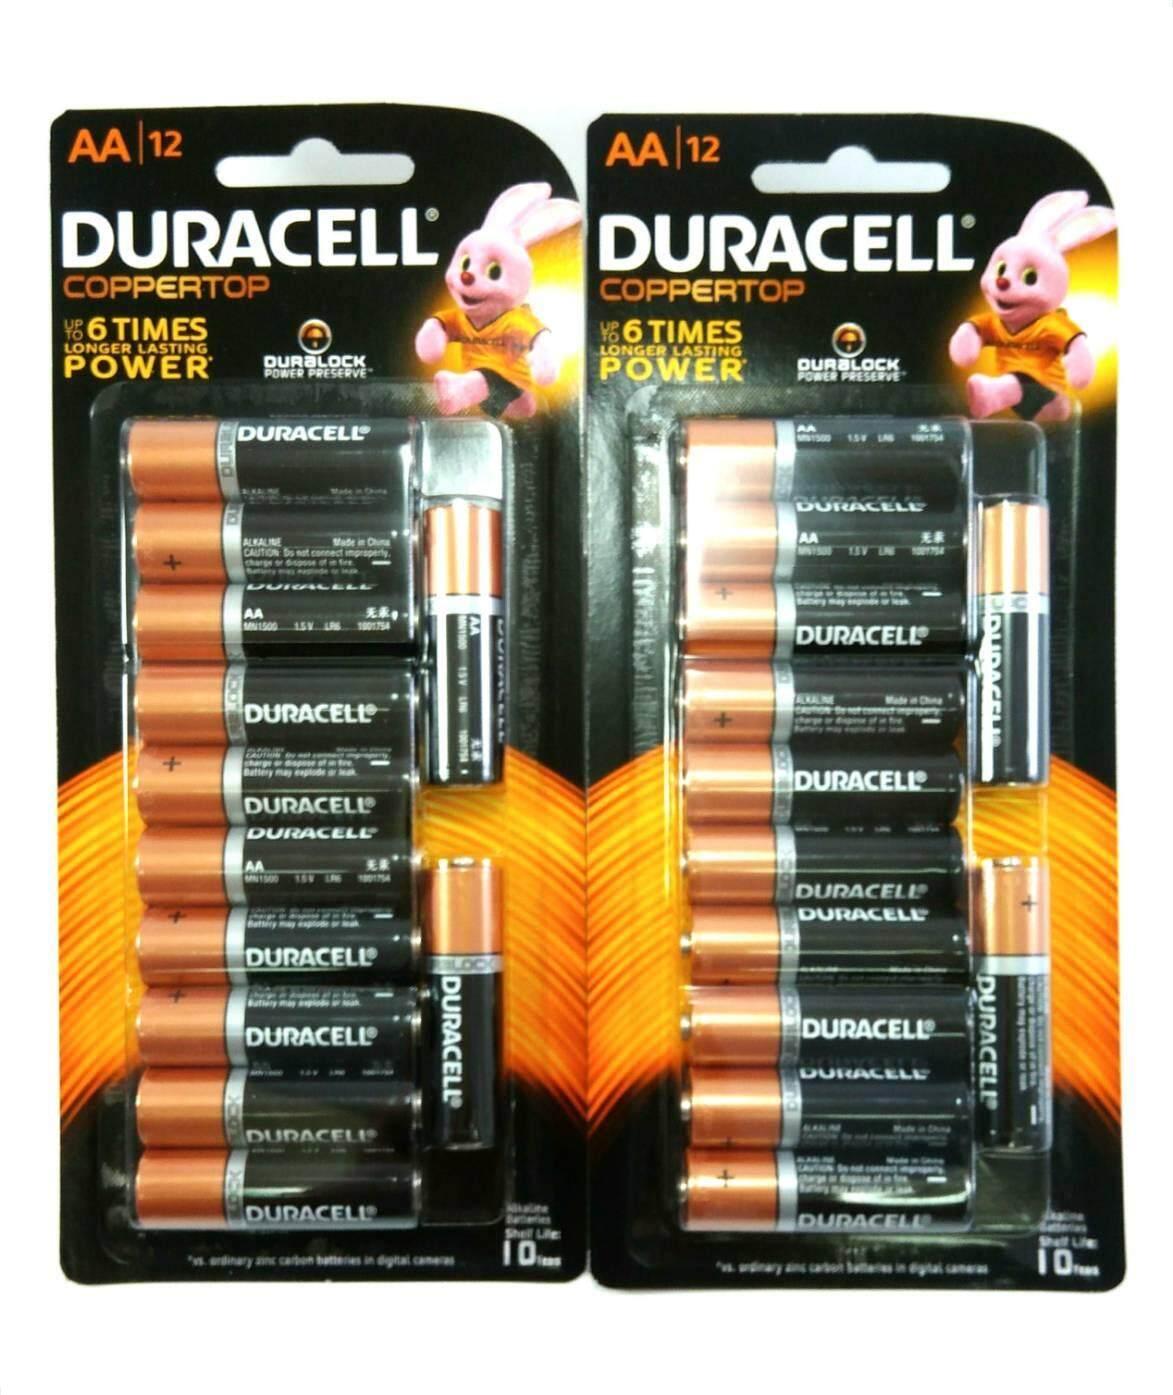 ถ่าน Duracell อัลคาไลน์ Aa-แพ็ค12ก้อน (จำนวน 2 แพ็ค) 24ก้อน.